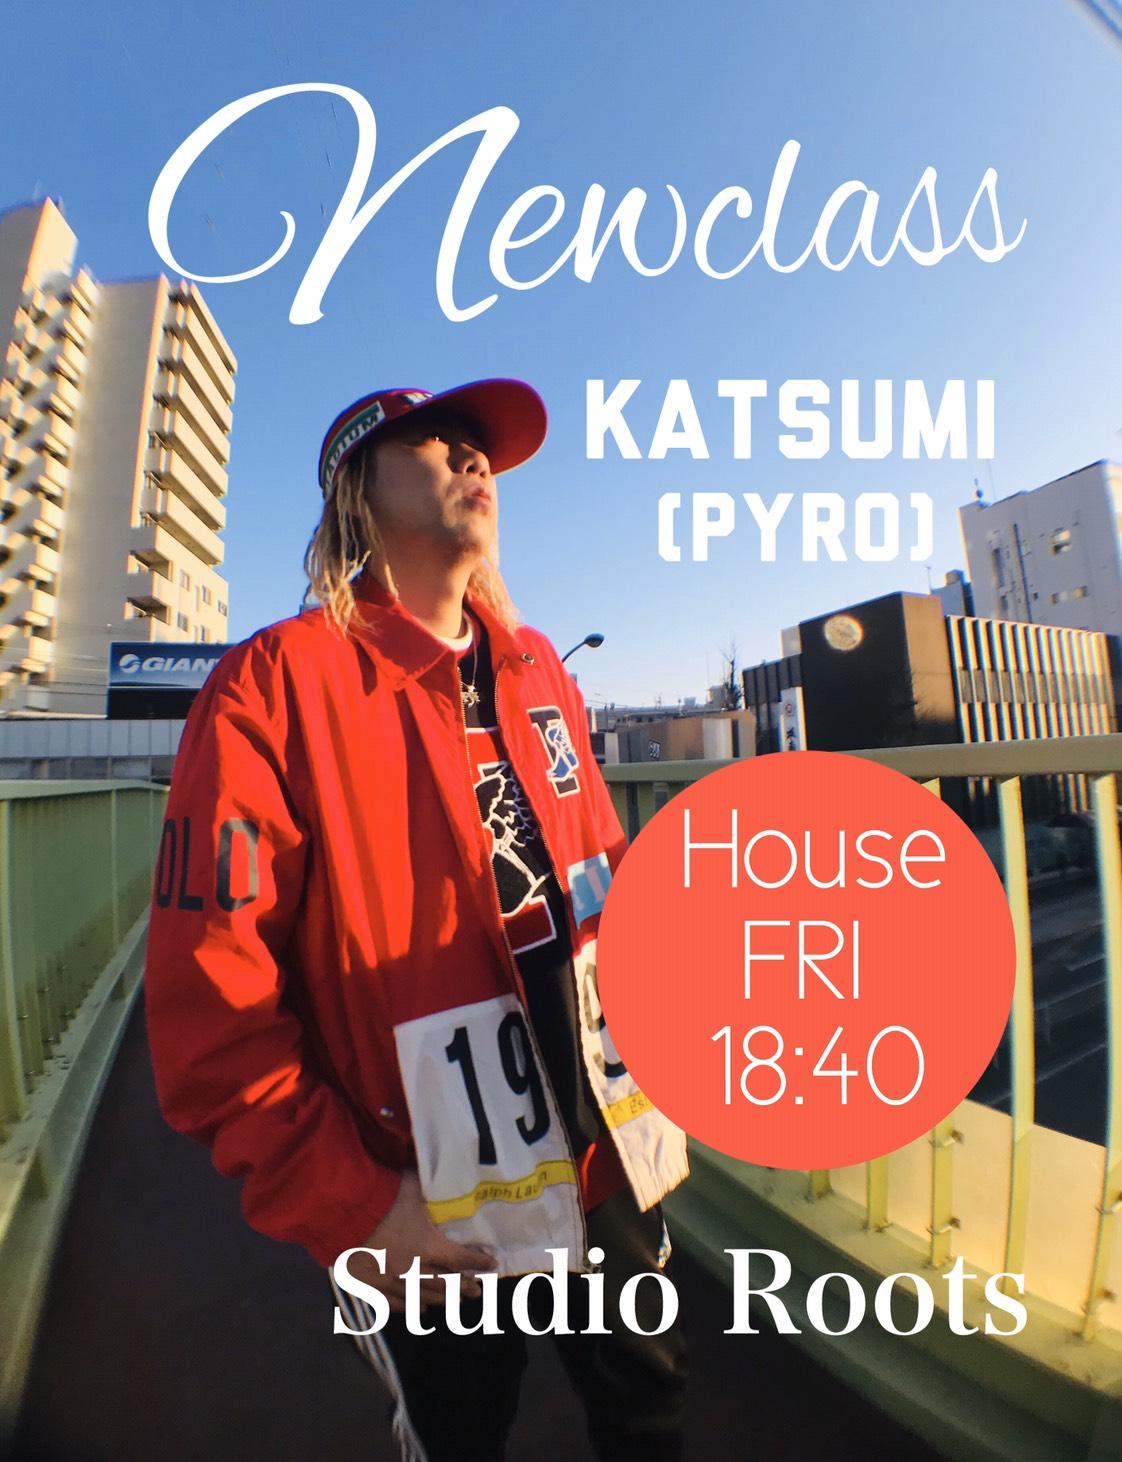 4月3日よりStudio Roots にてKatsumi (PYRO)のニュークラスがスタート